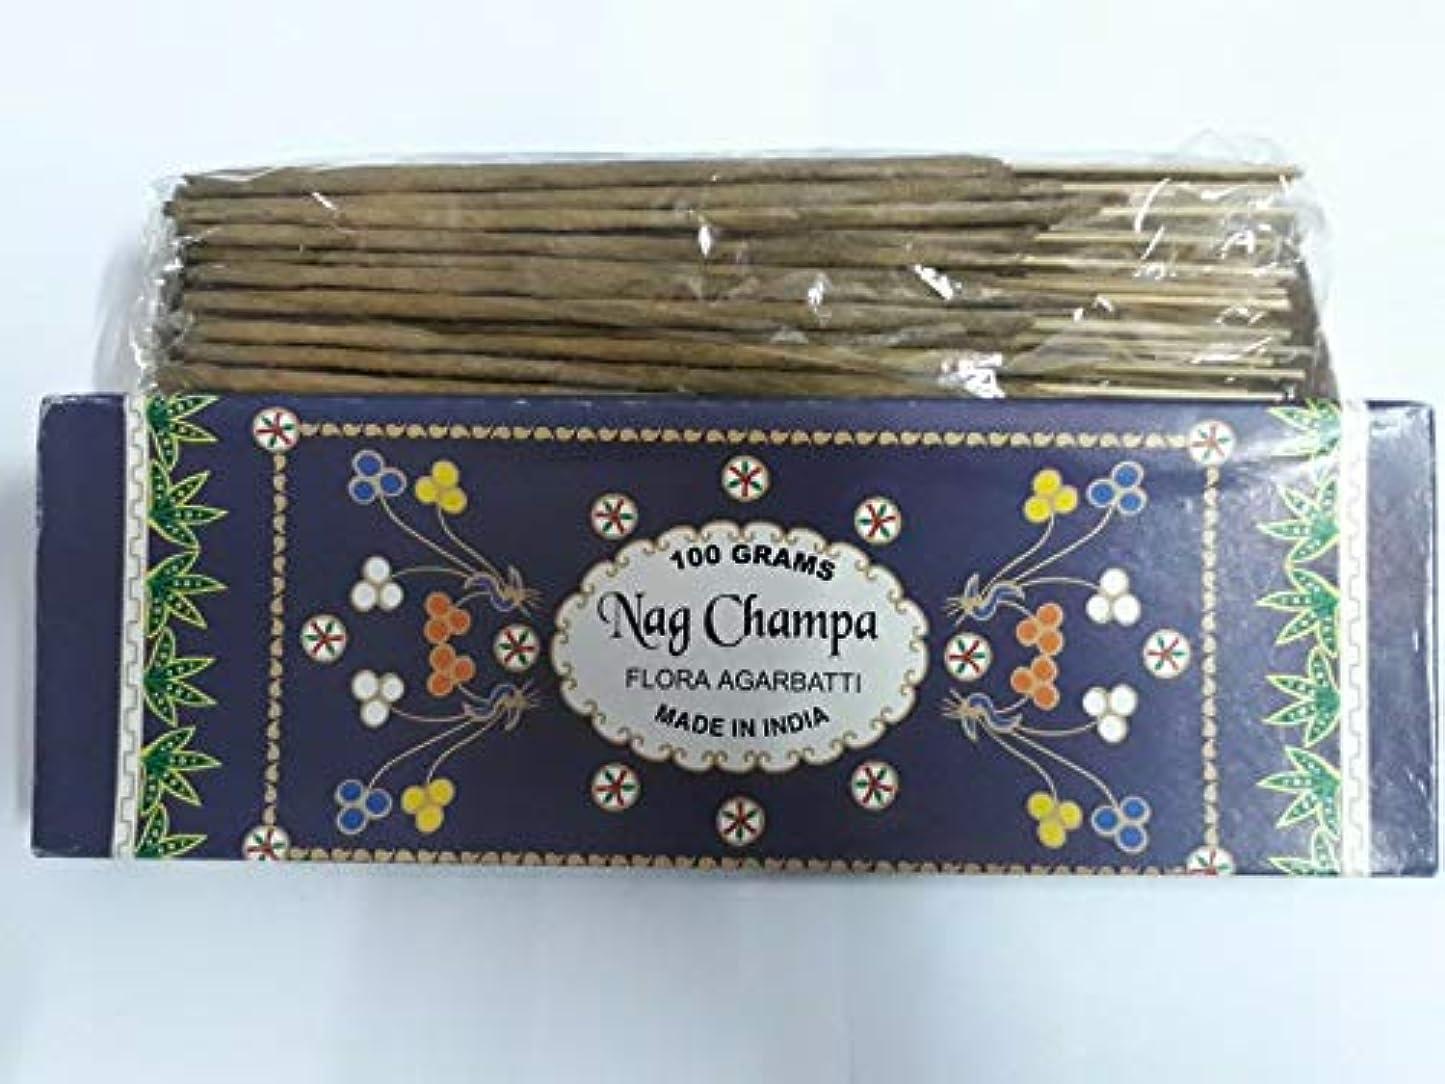 メカニック有効自我Nag Champa ナグチャンパ Agarbatti Incense Sticks 線香 100 grams Flora Agarbatti フローラ線香